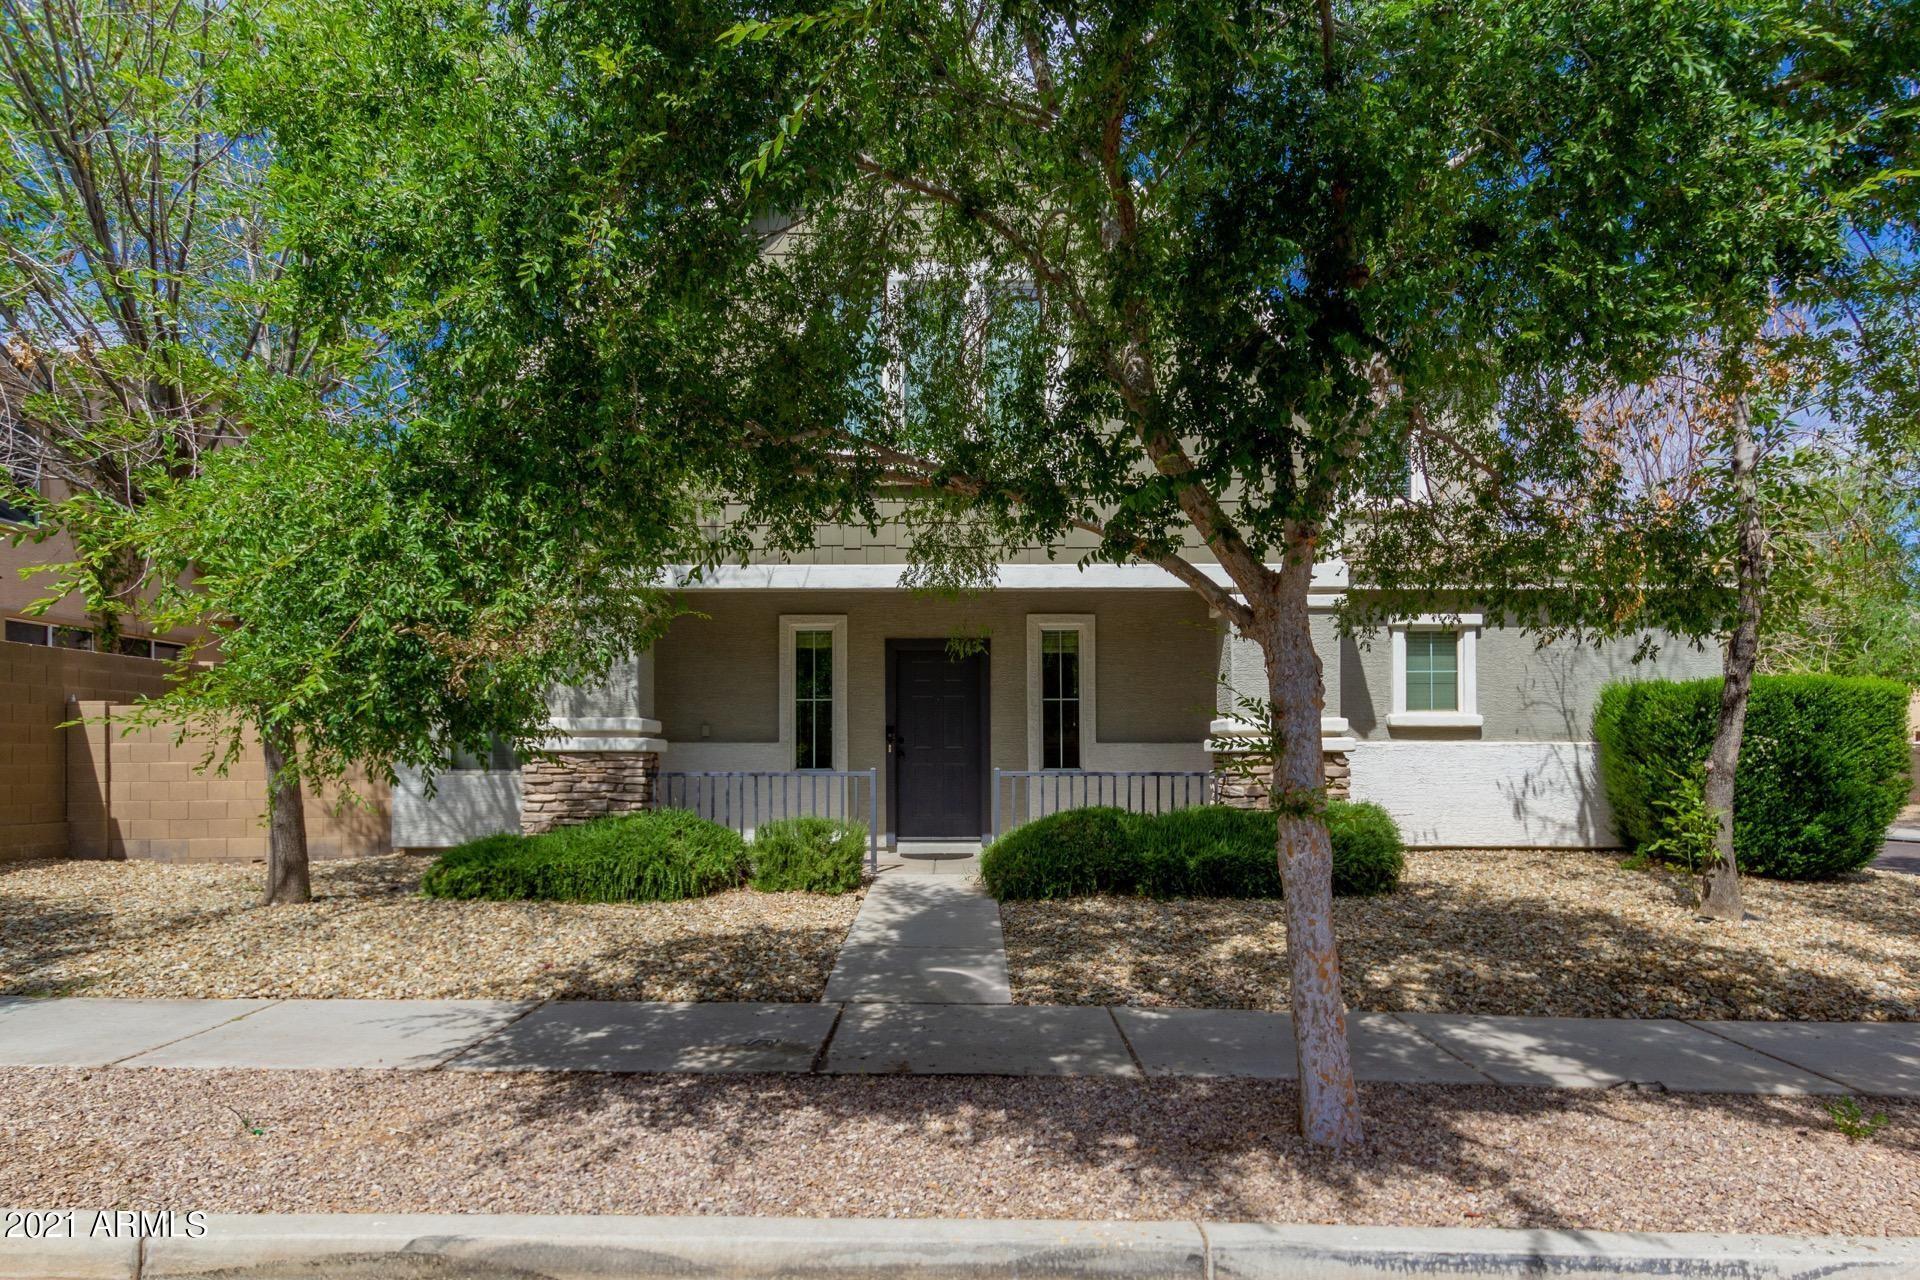 4201 W MALDONADO Road, Phoenix, AZ 85041 - MLS#: 6228255